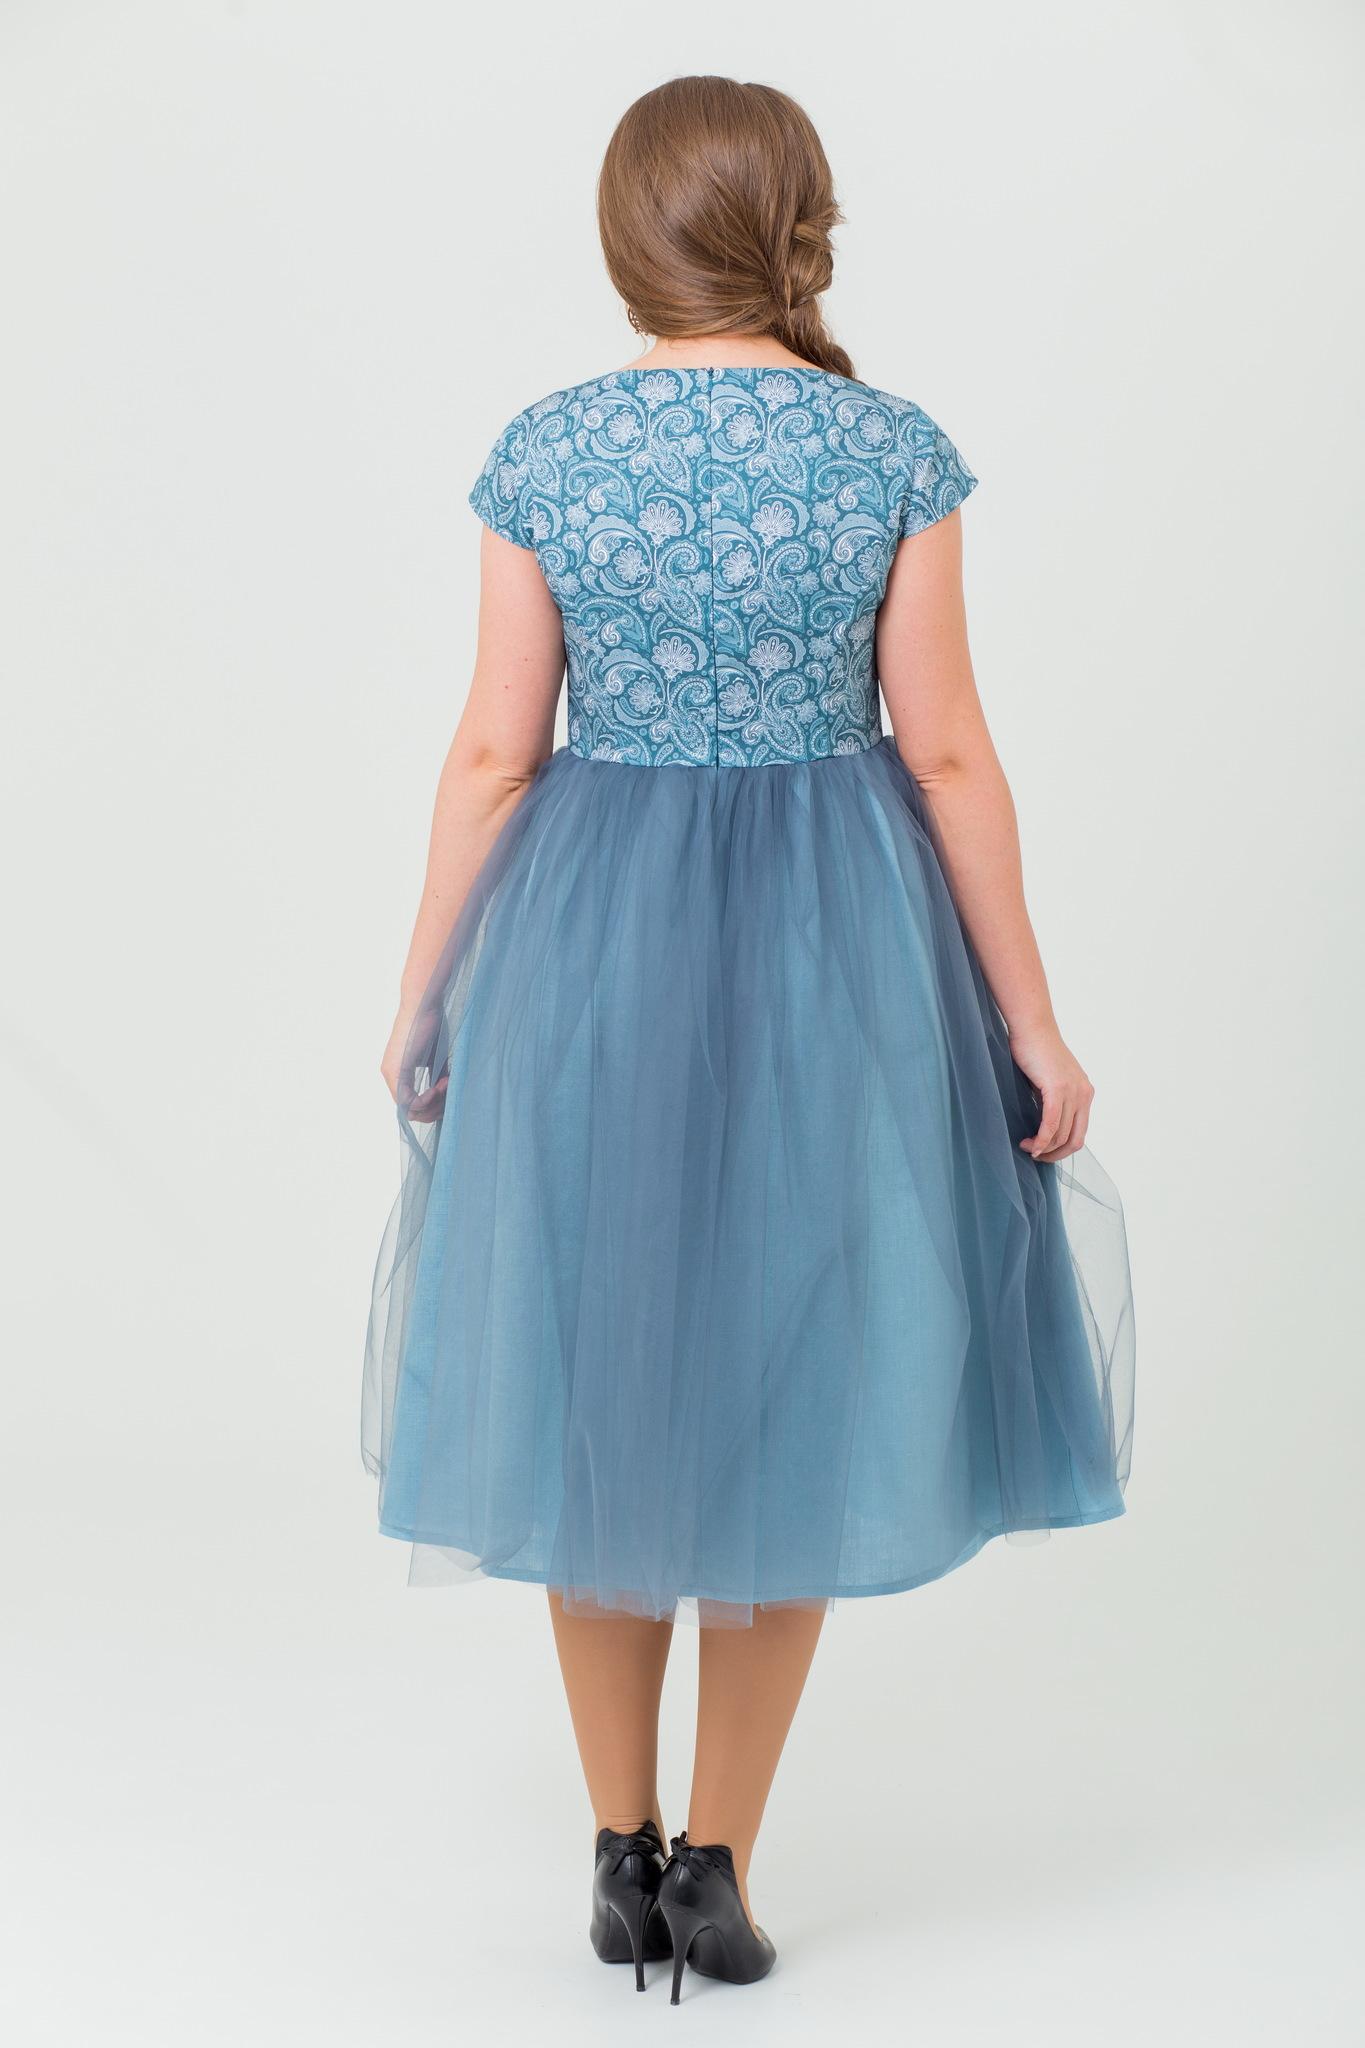 Вечернее платье с фатином Мерцание изумрудов